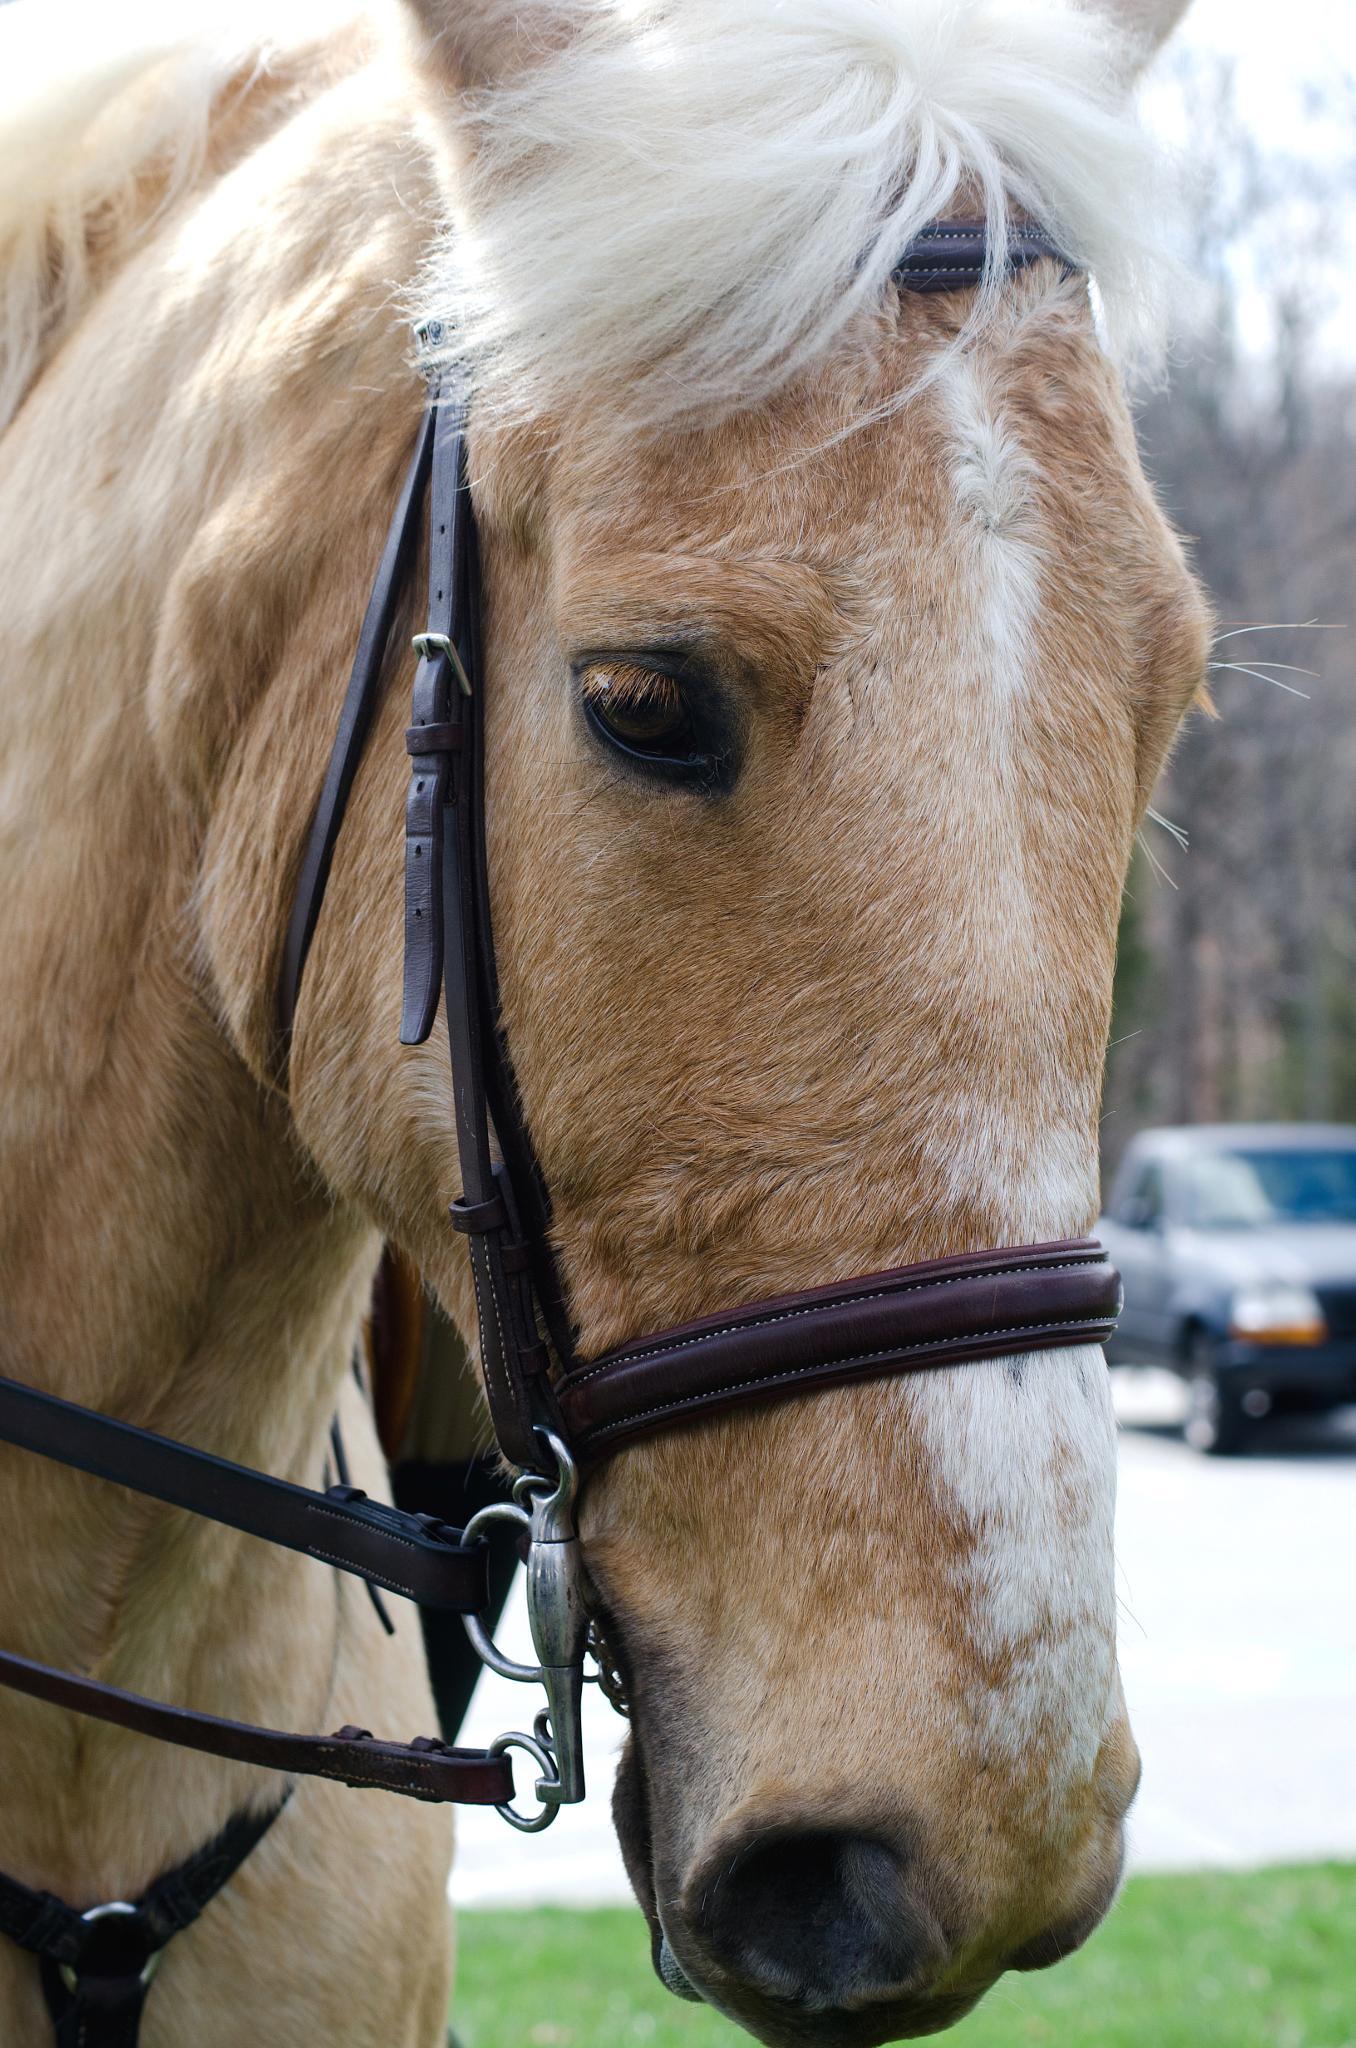 Horse by Deborah J. Moore